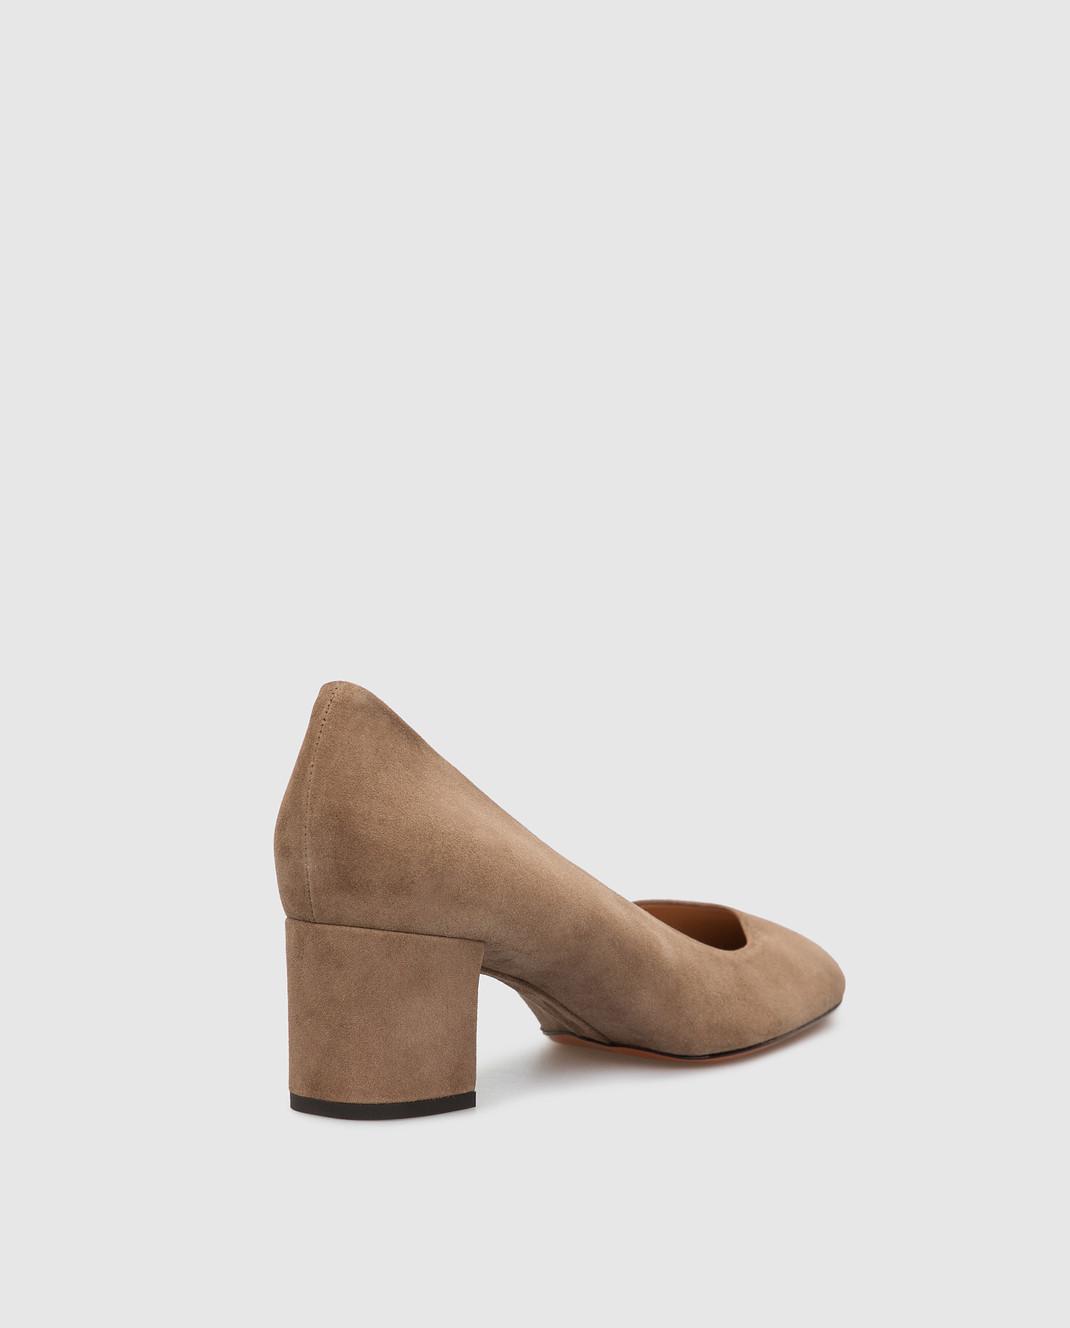 Santoni Бежевые замшевые туфли изображение 4